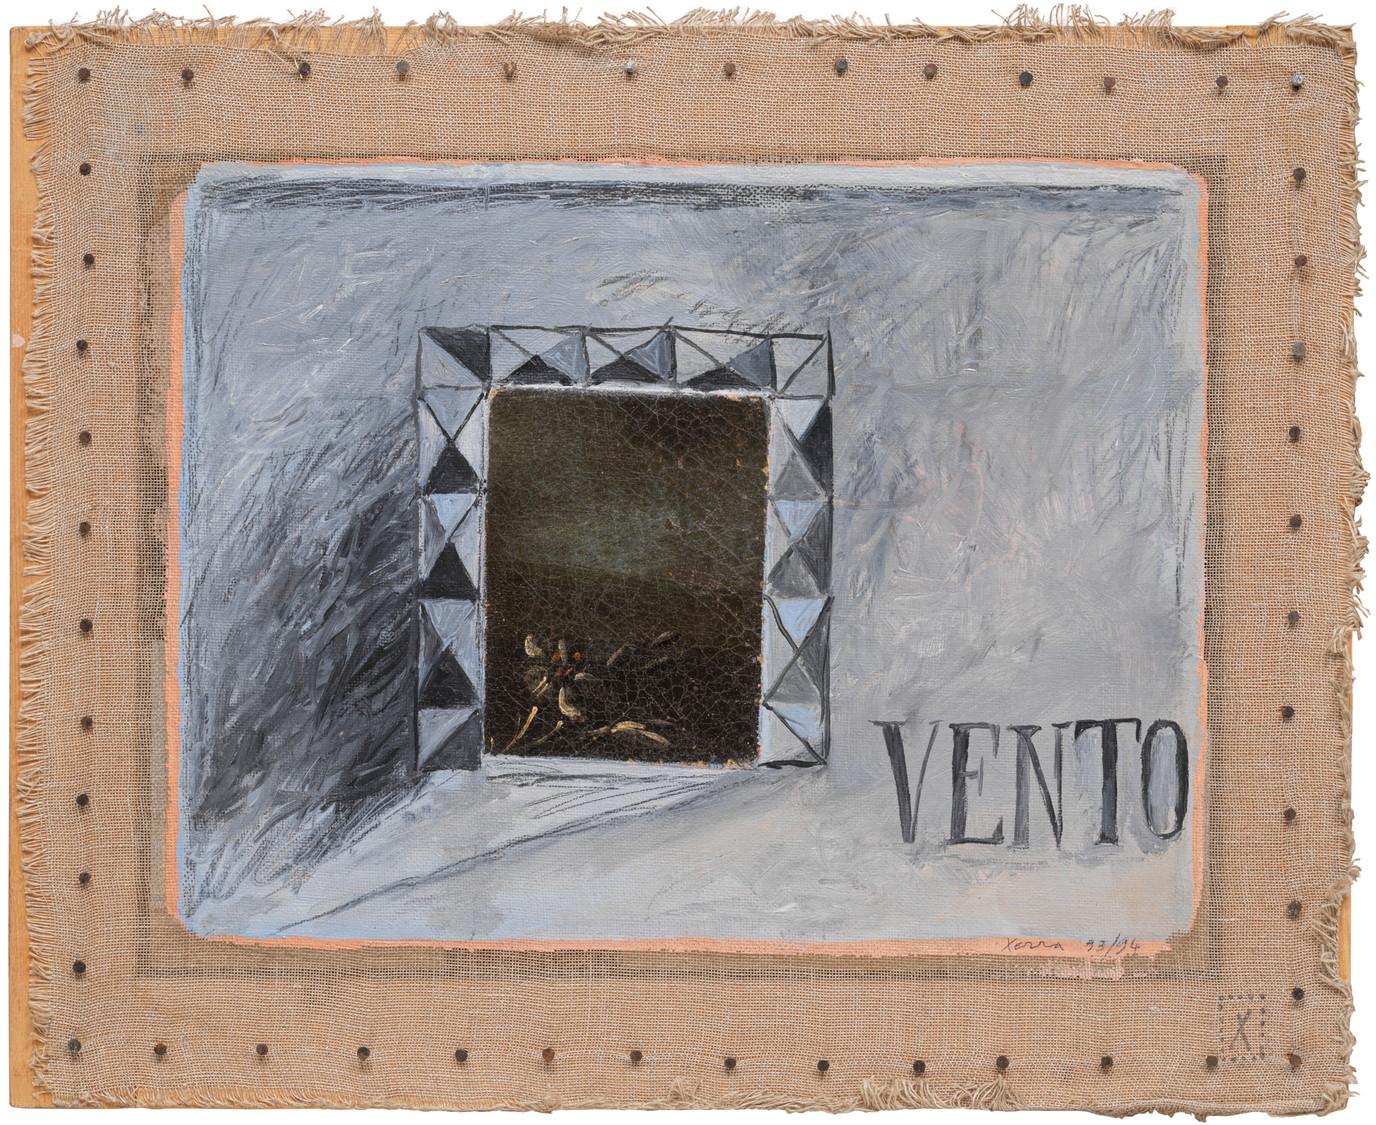 Vento (c) - 1993